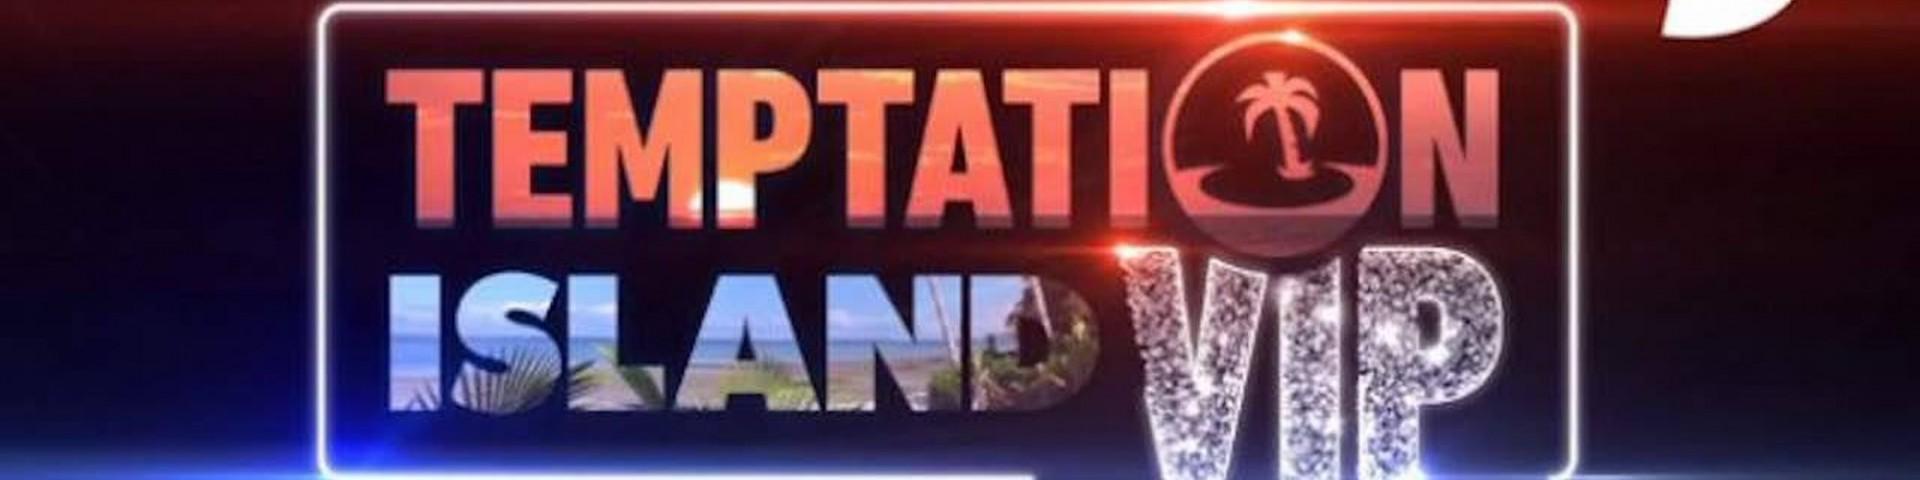 Temptation Island Vip 2019, prima puntata in streaming, diretta e replica